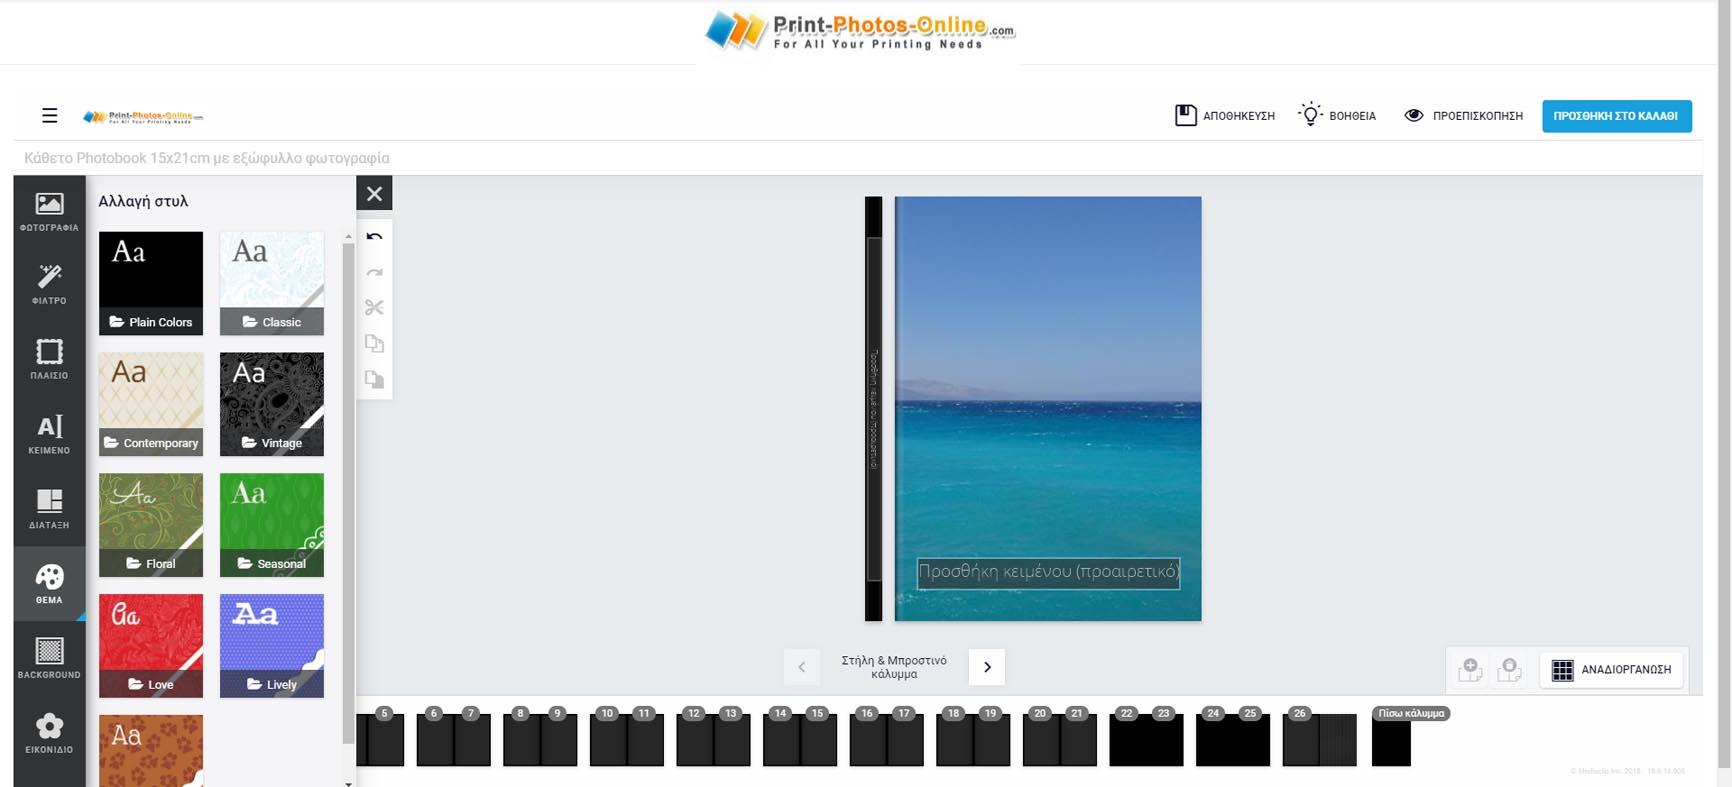 Εκτύπωση σε ψηφιακό άλμπουμ από το Print-Photos-Online.com